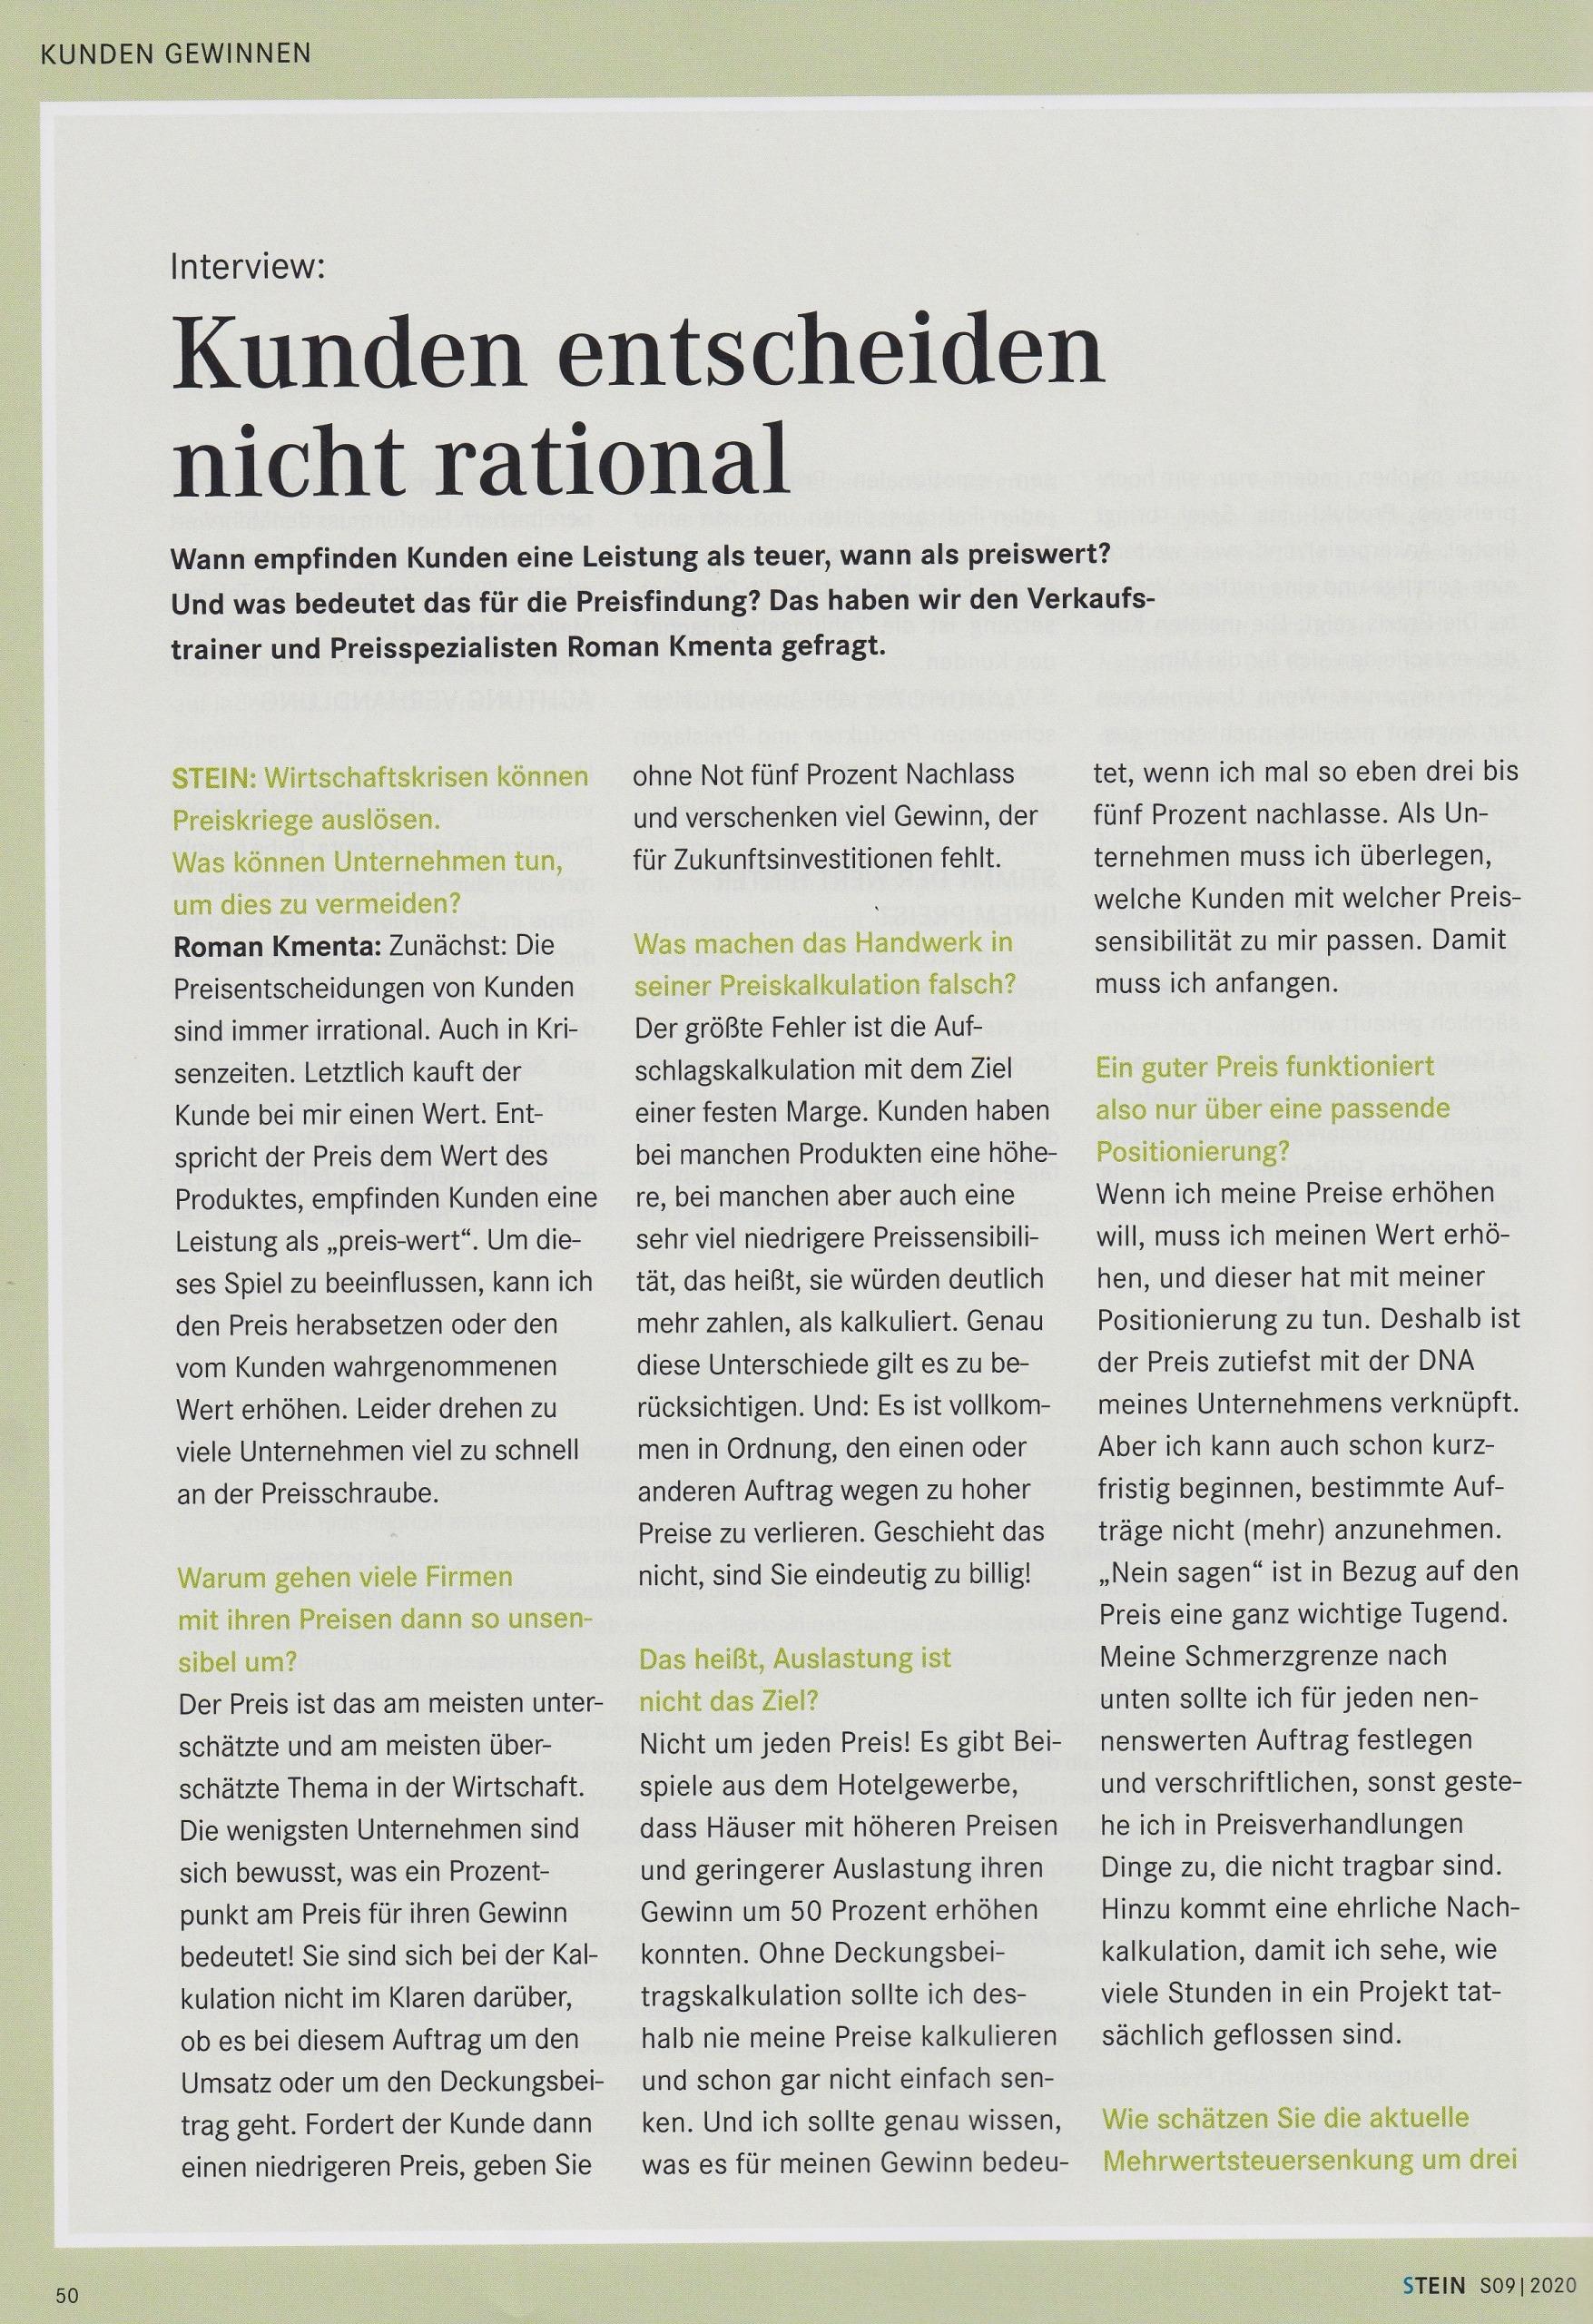 STEIN 09/20 - Kunden entscheiden nicht rational - Roman Kmenta - Vortragsredner und Autor